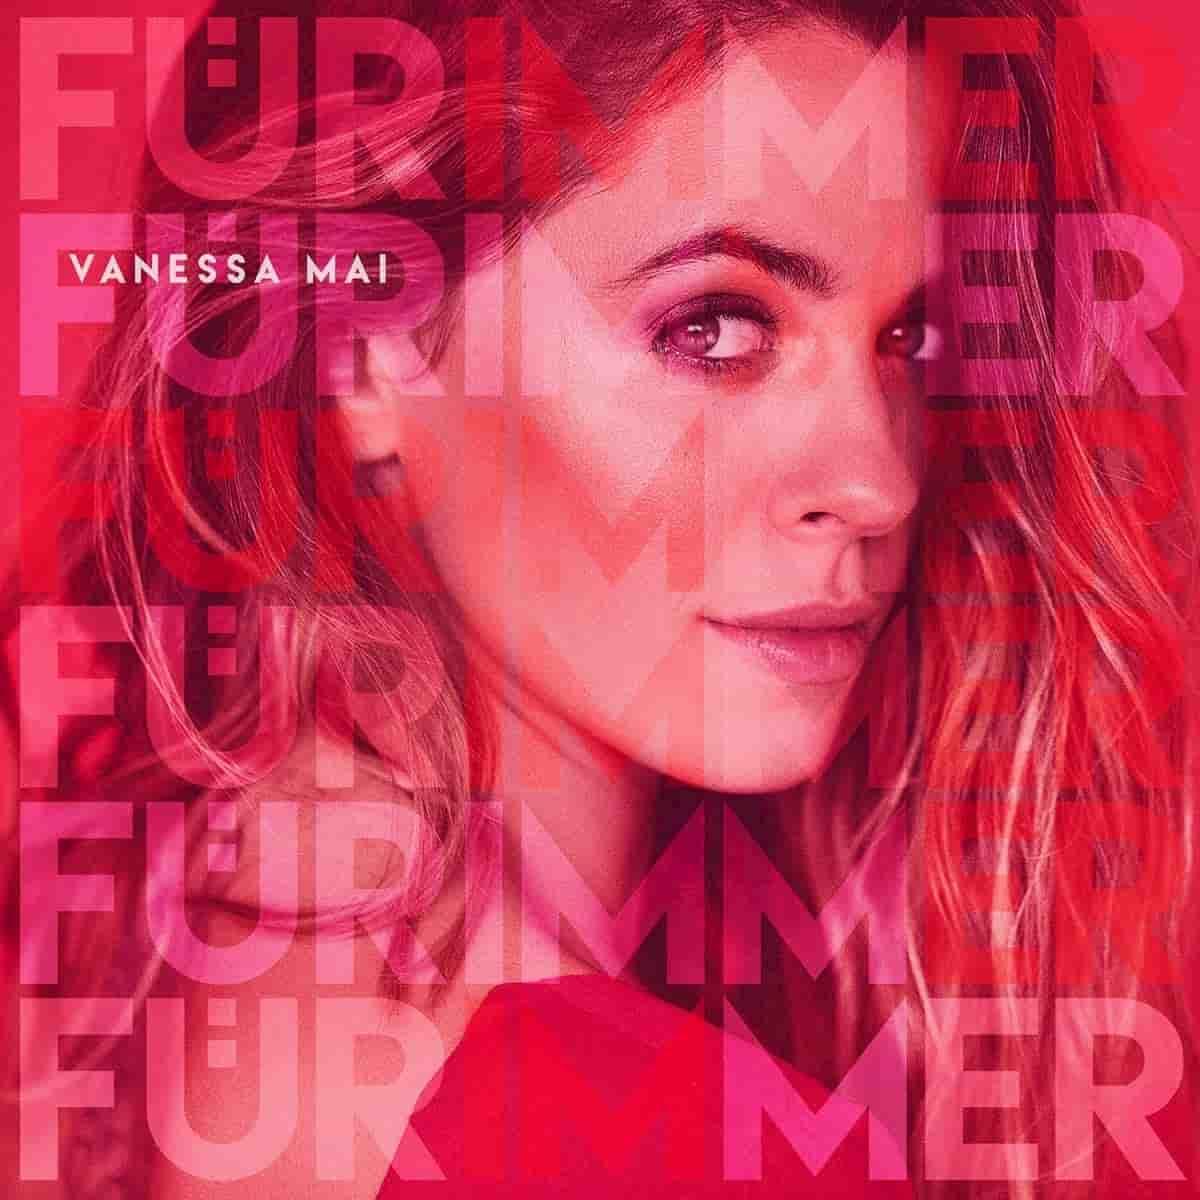 Vanessa Mai - CD Für immer 2020